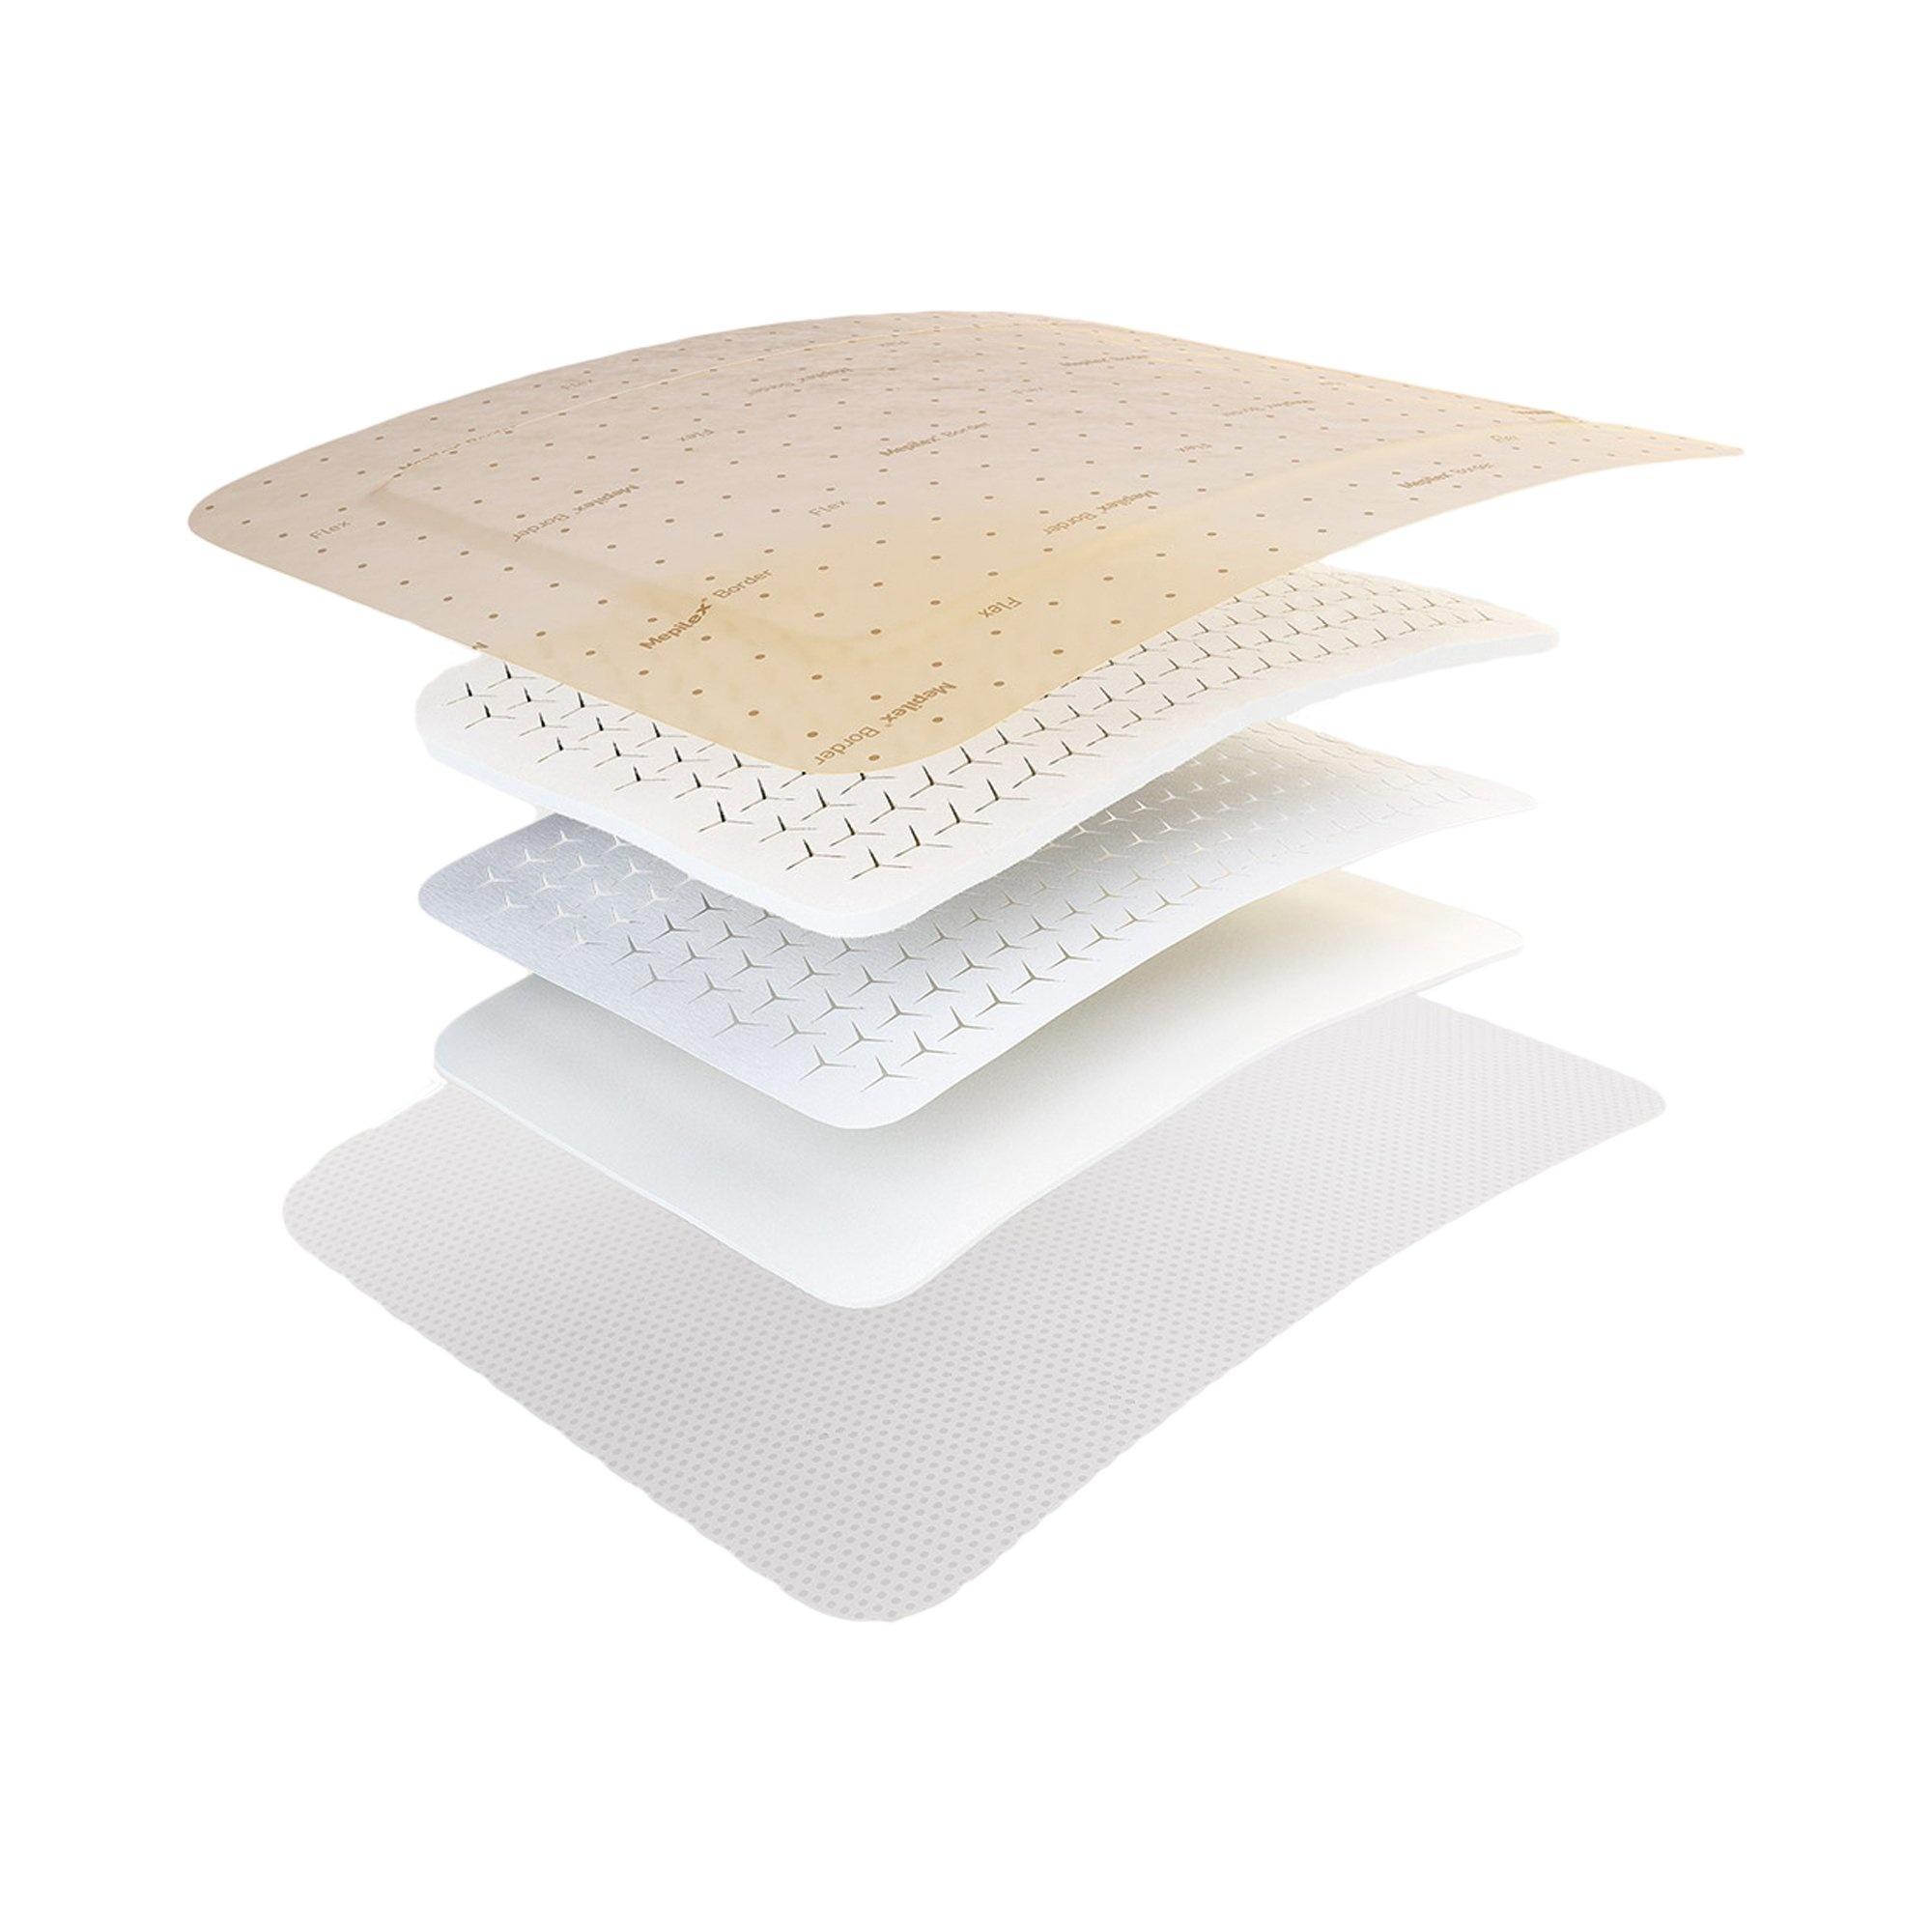 """Molnlycke Mepilex Border Flex Self-Adherent Soft Silicone Foam Dressing, 6 X 6"""", 595400, Box of 5"""